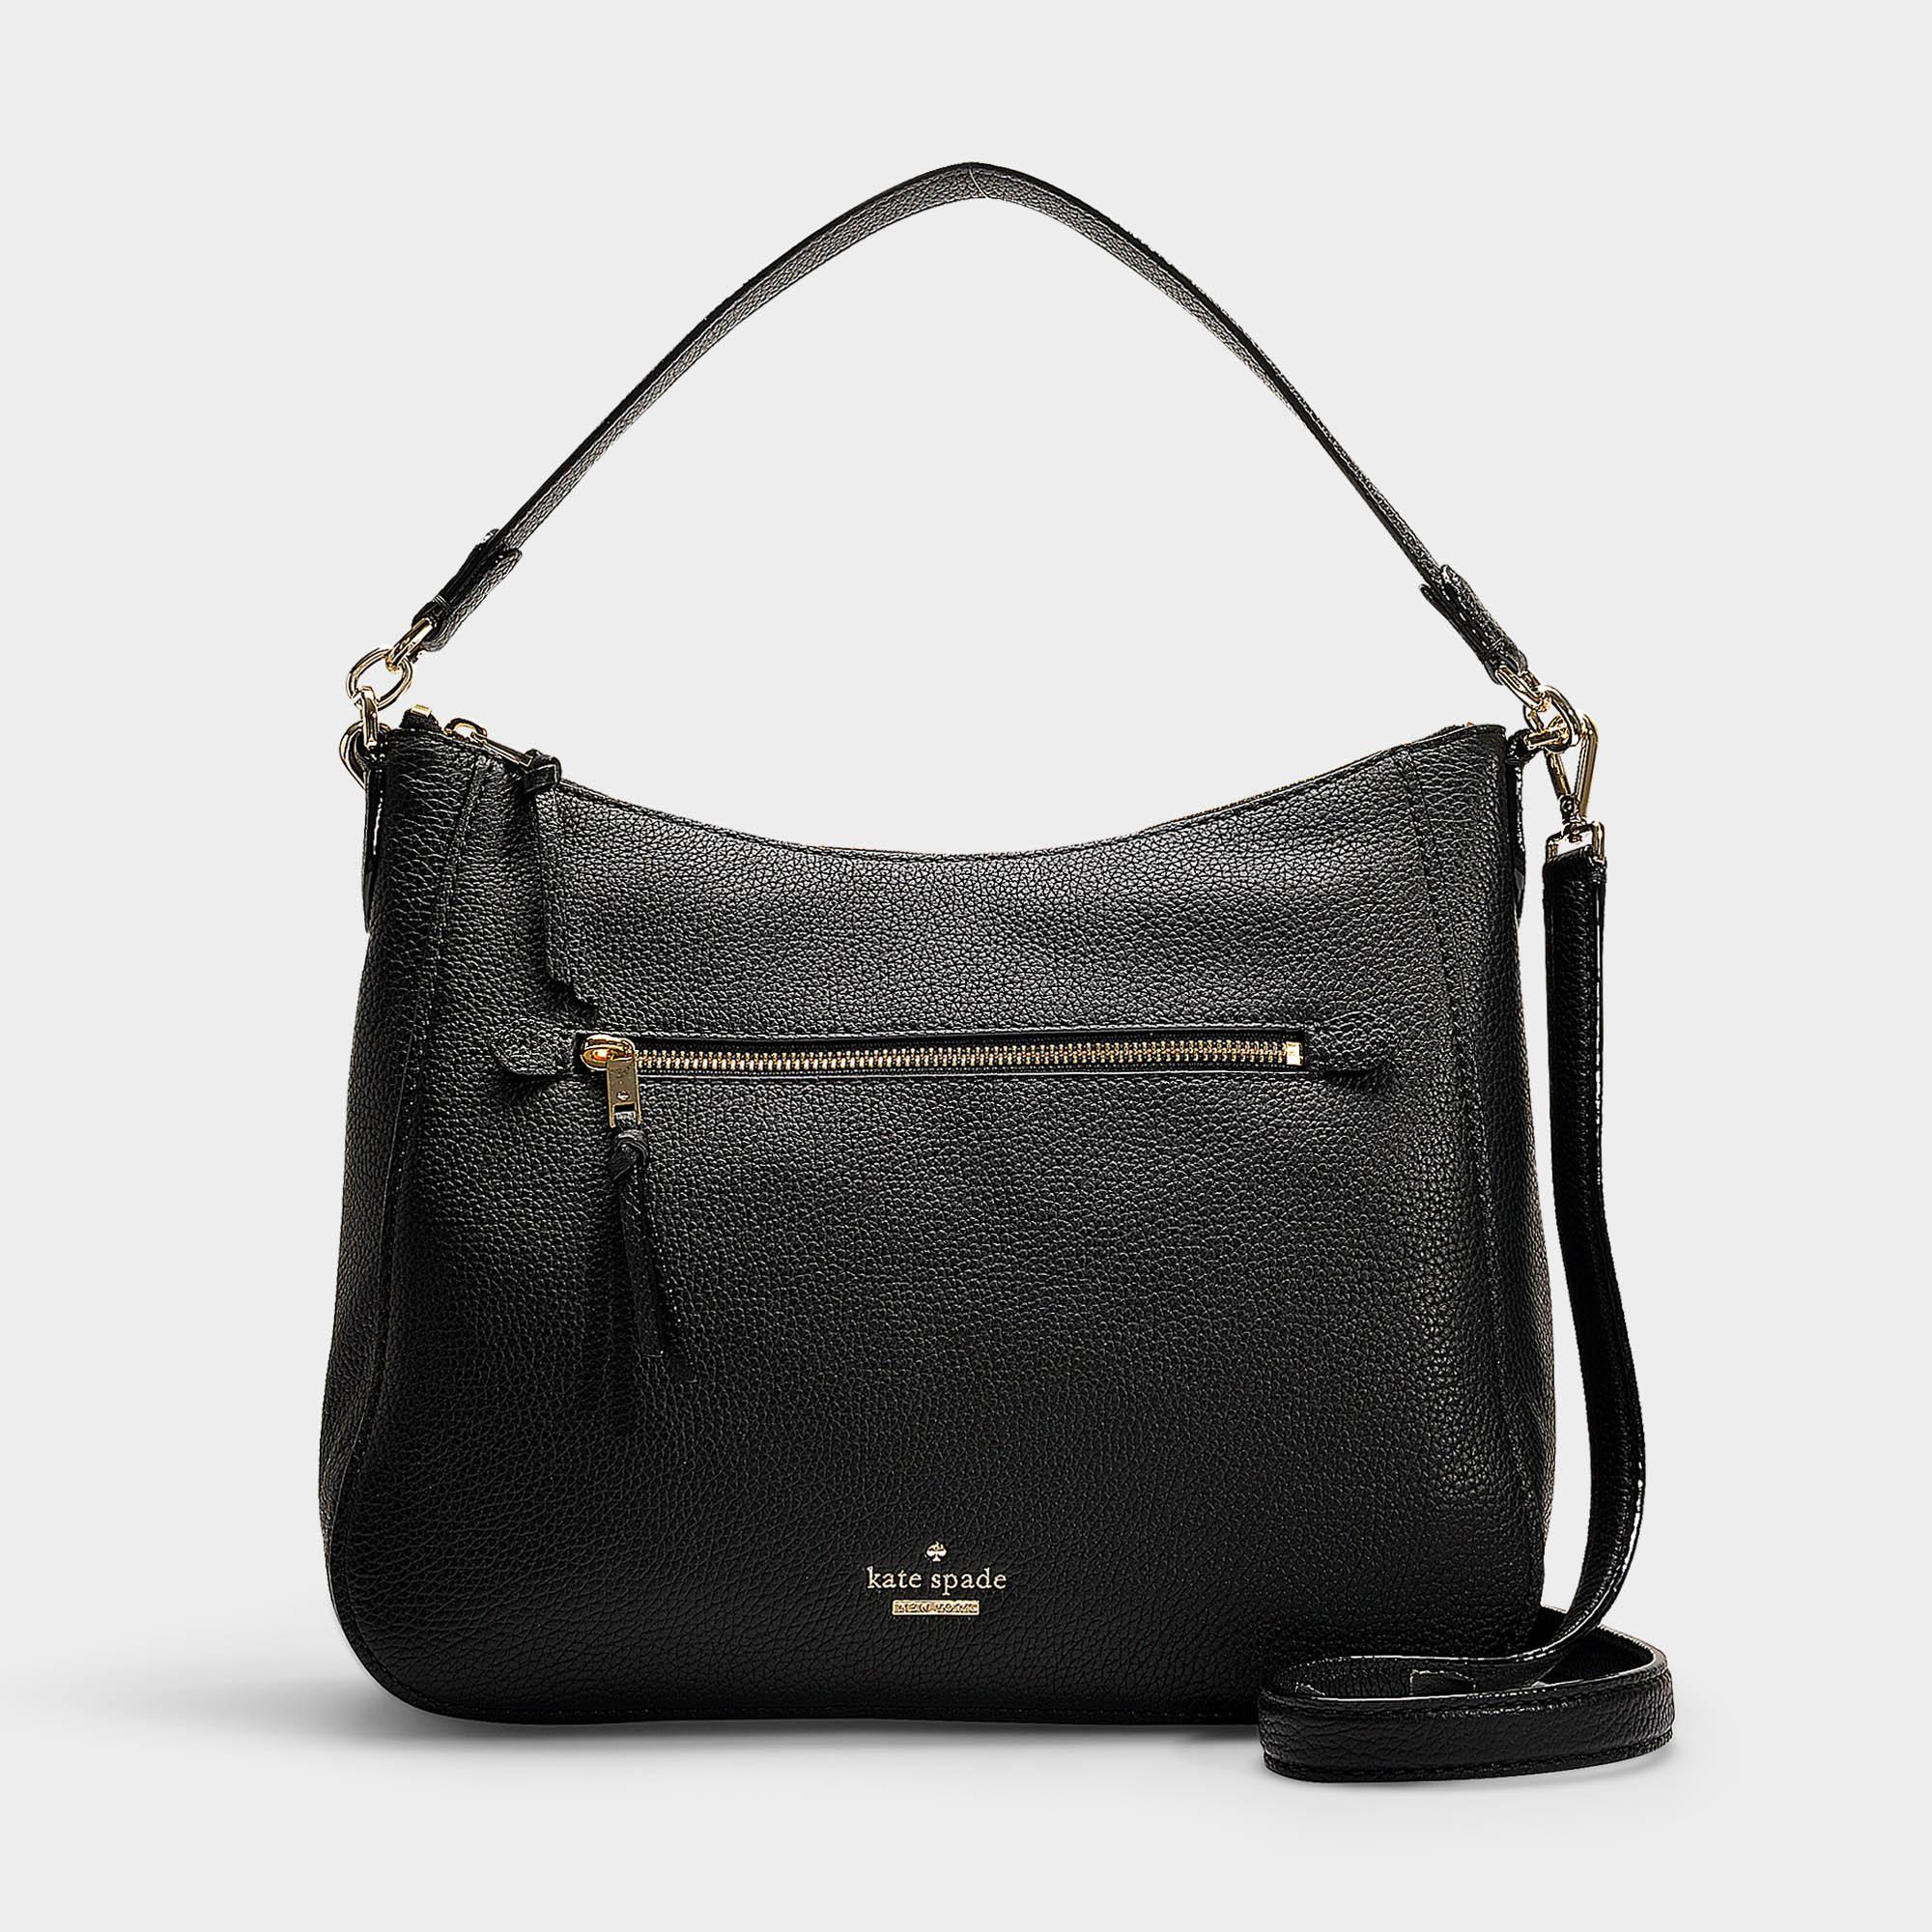 5733cfd3b9 Sac quincy jackson street en cuir noir Kate Spade en coloris Noir - Lyst